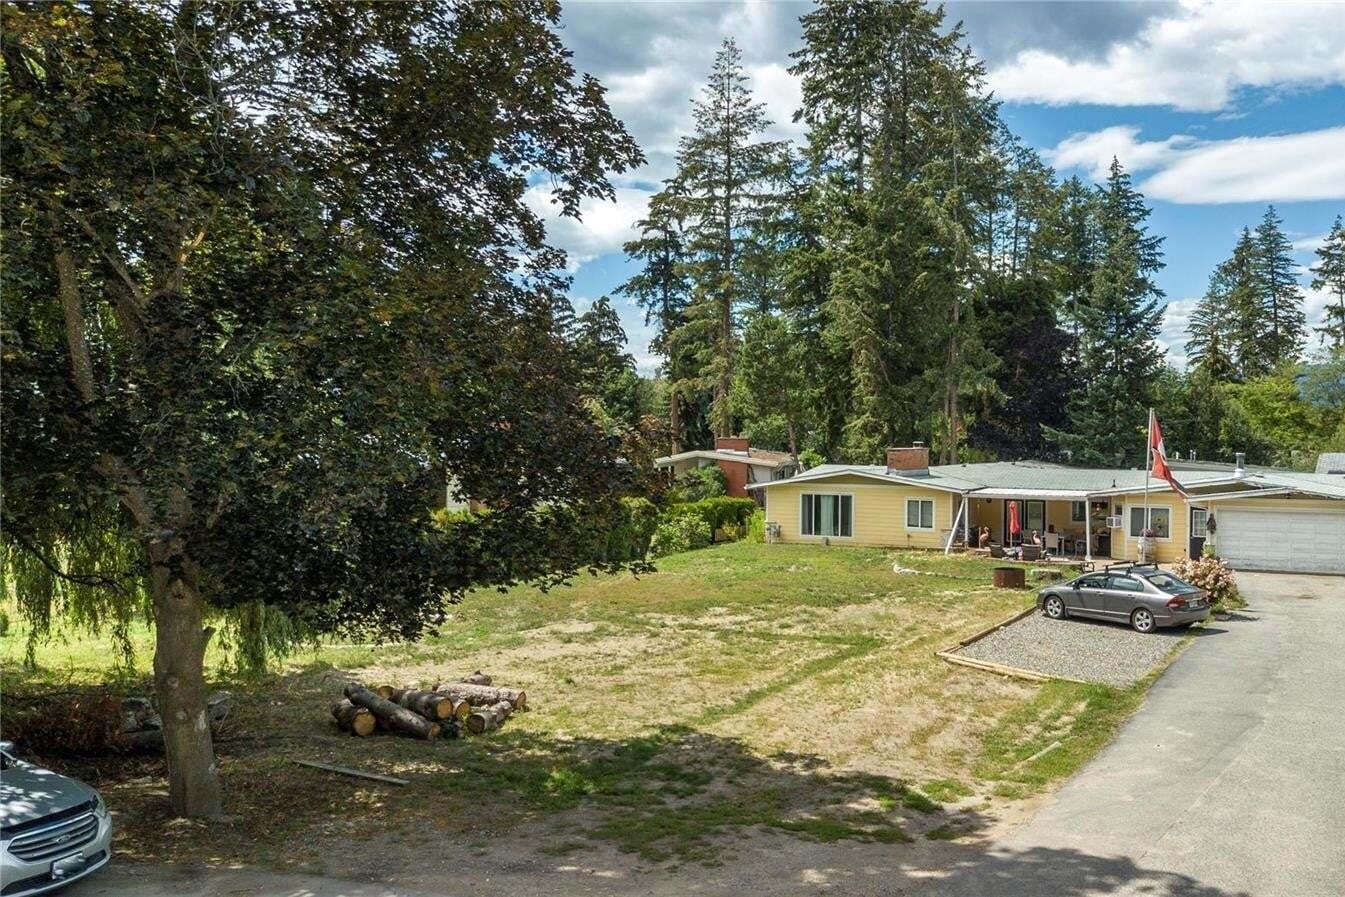 House for sale at 4304 Lakeshore Rd Kelowna British Columbia - MLS: 10212687